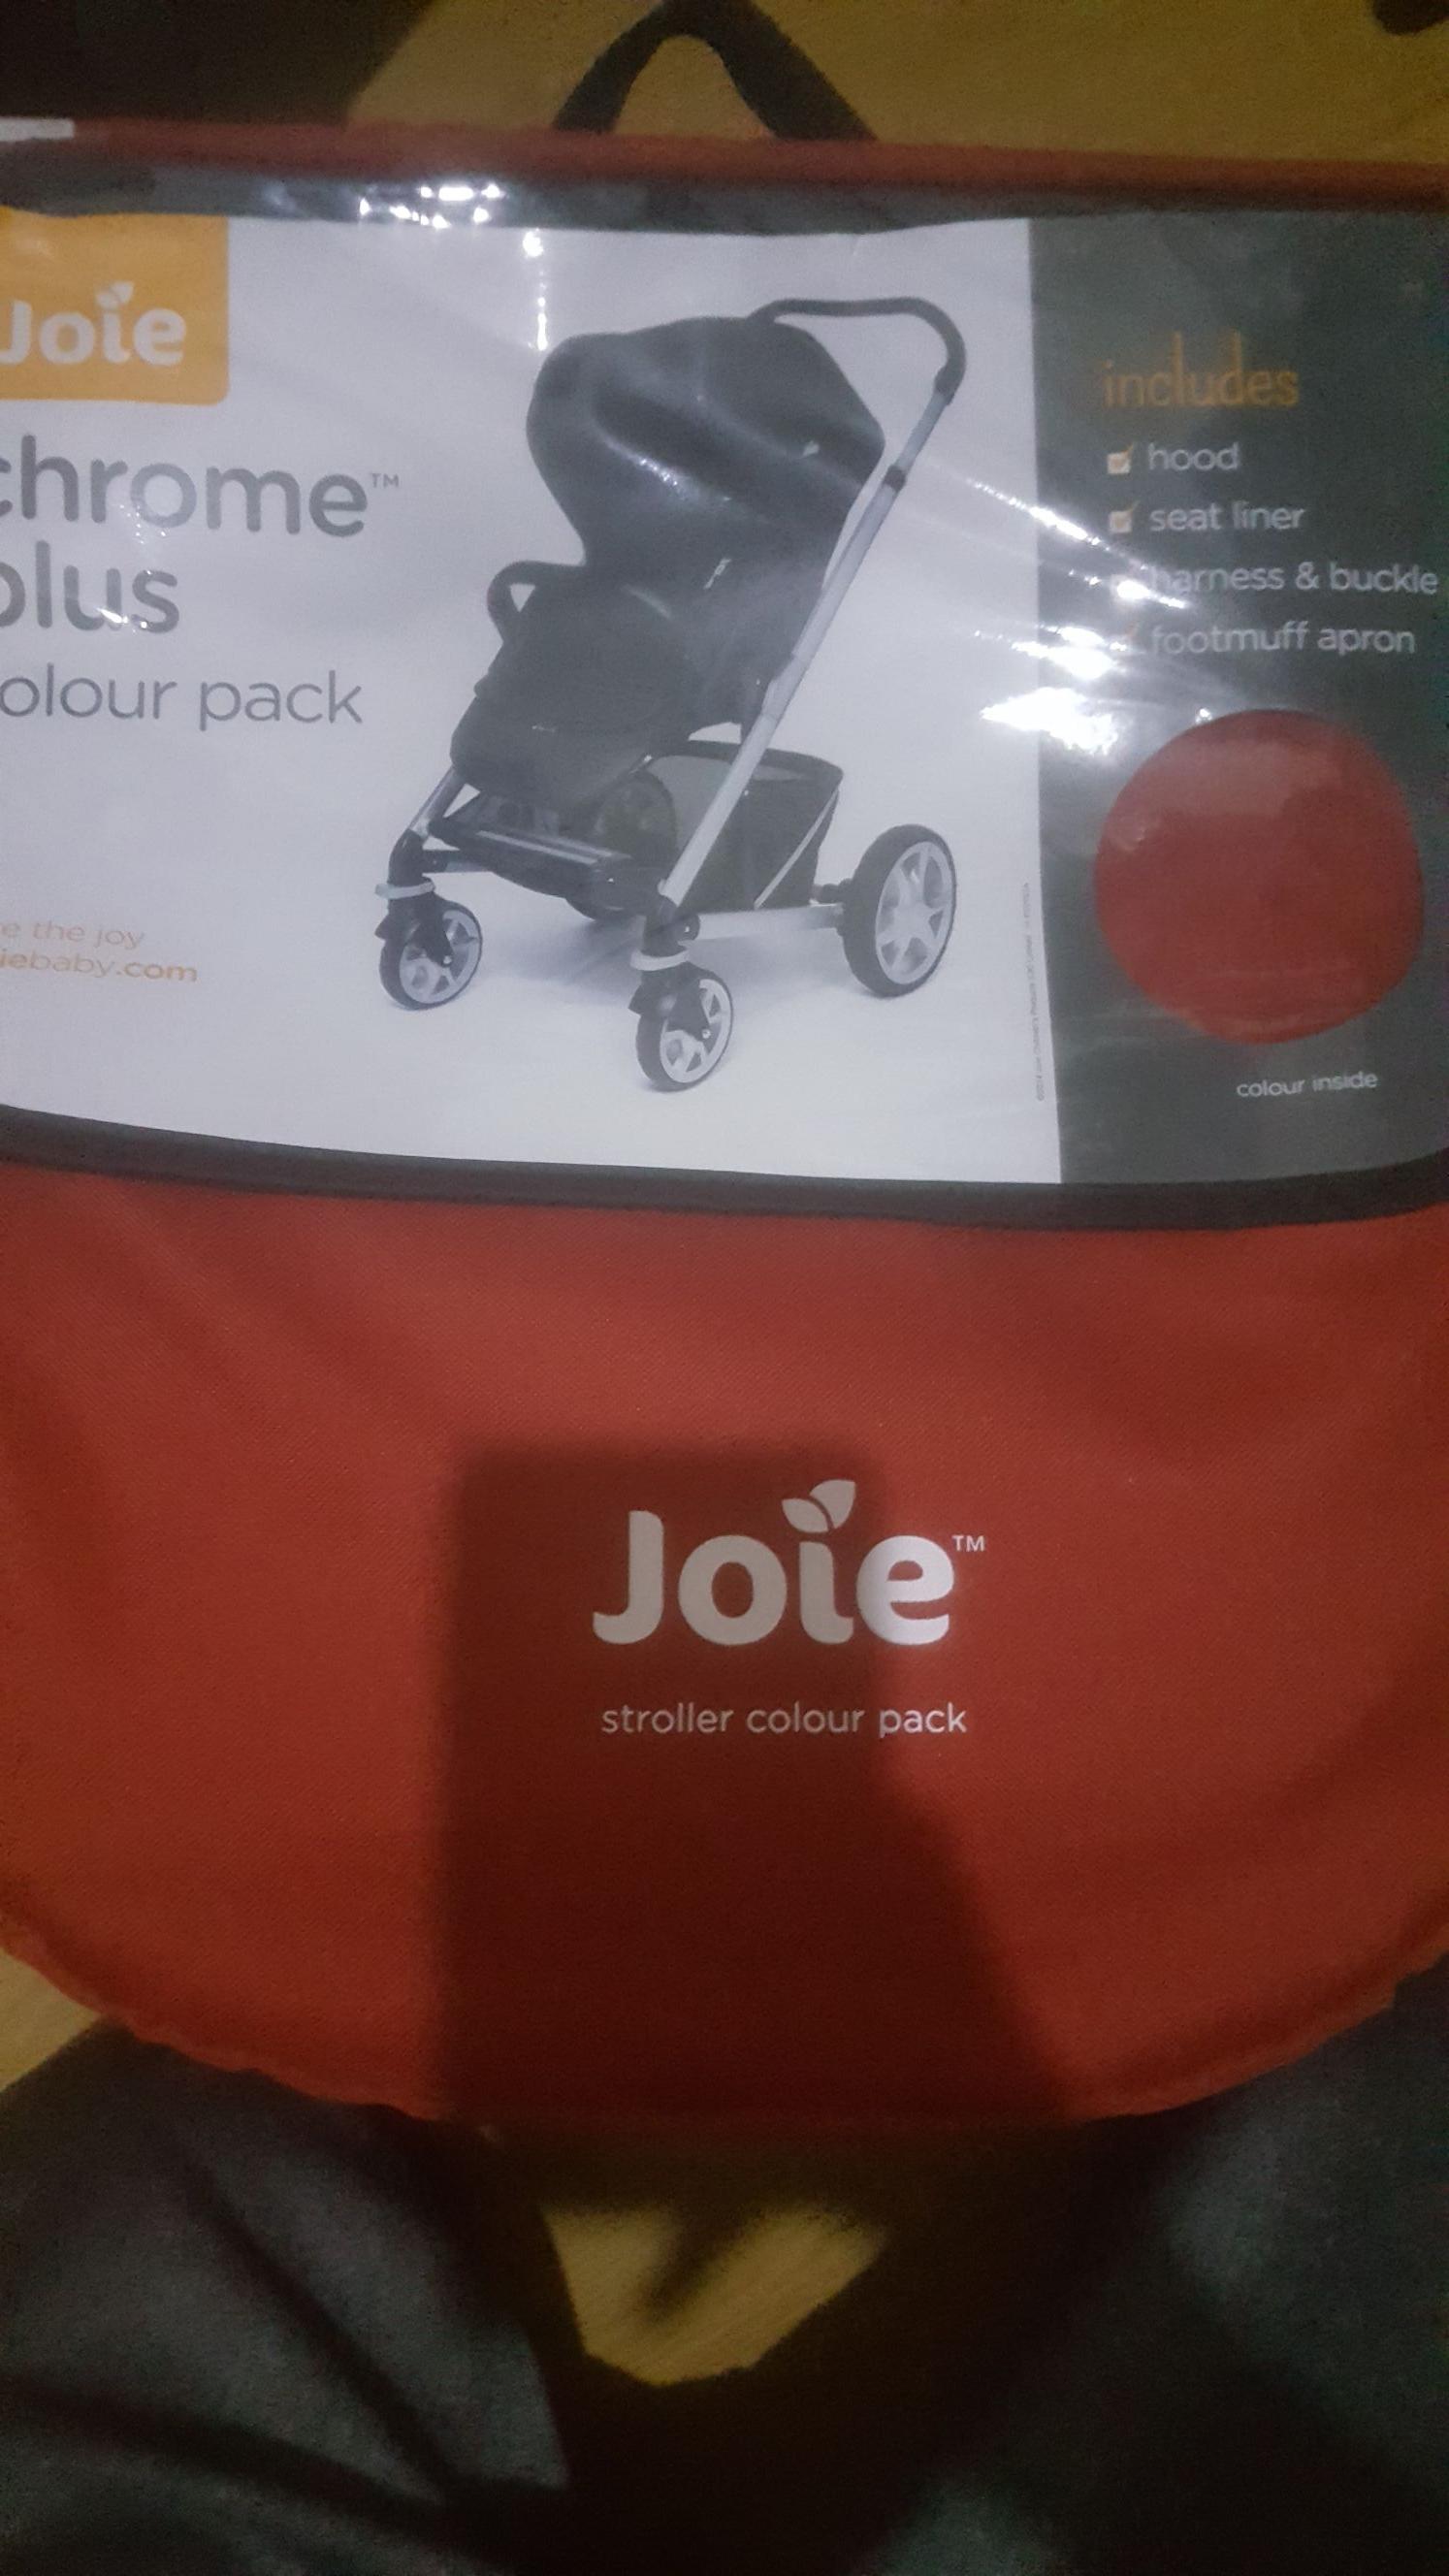 Joie chrome plus colour pack £5 @ Toys r us - st andrews